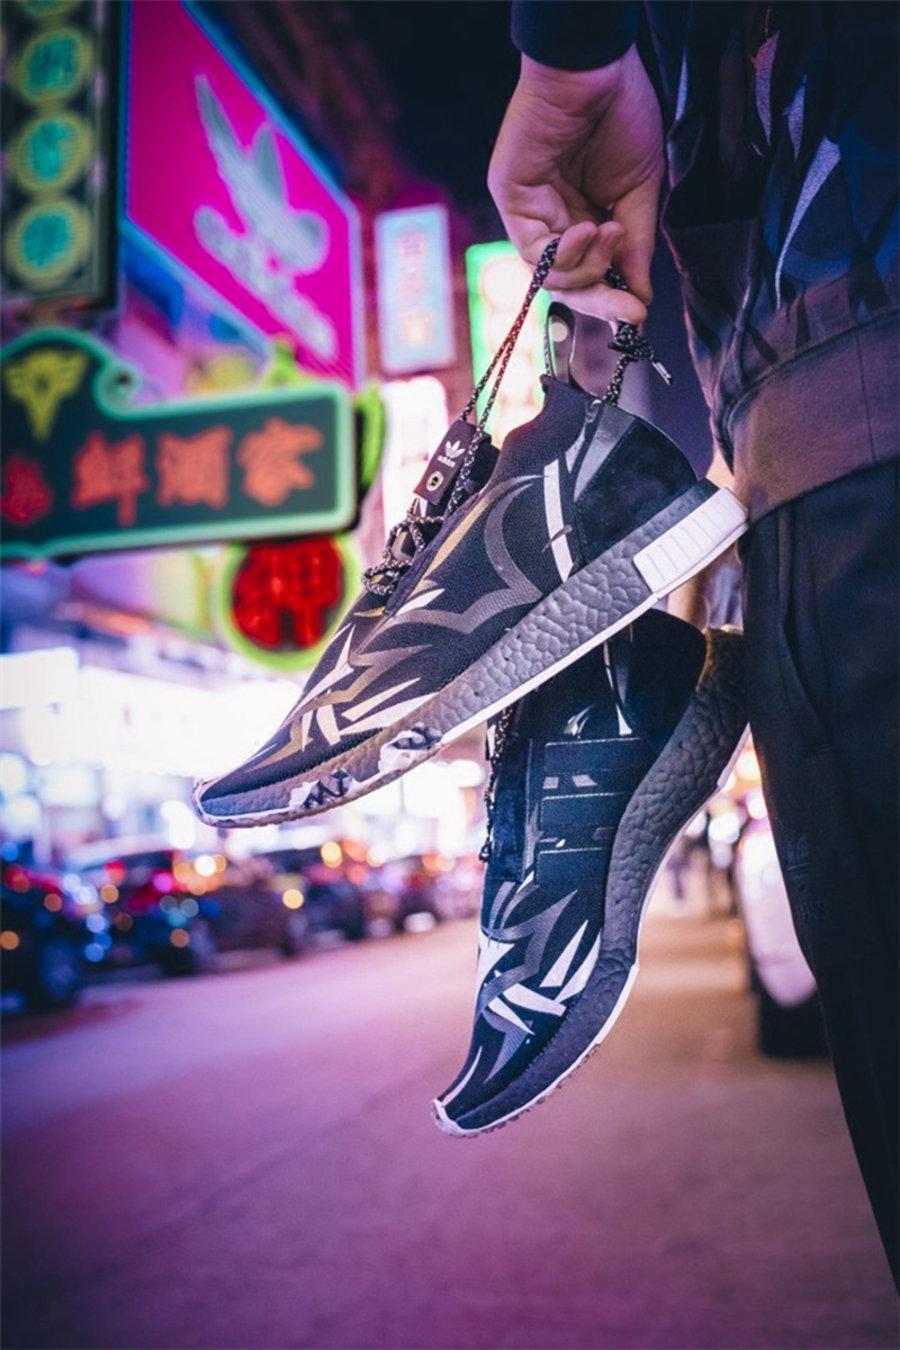 Nike,adidas,Air Jordan  冠希新鞋来了!近期将登场的重磅球鞋里,哪双卖的最贵?